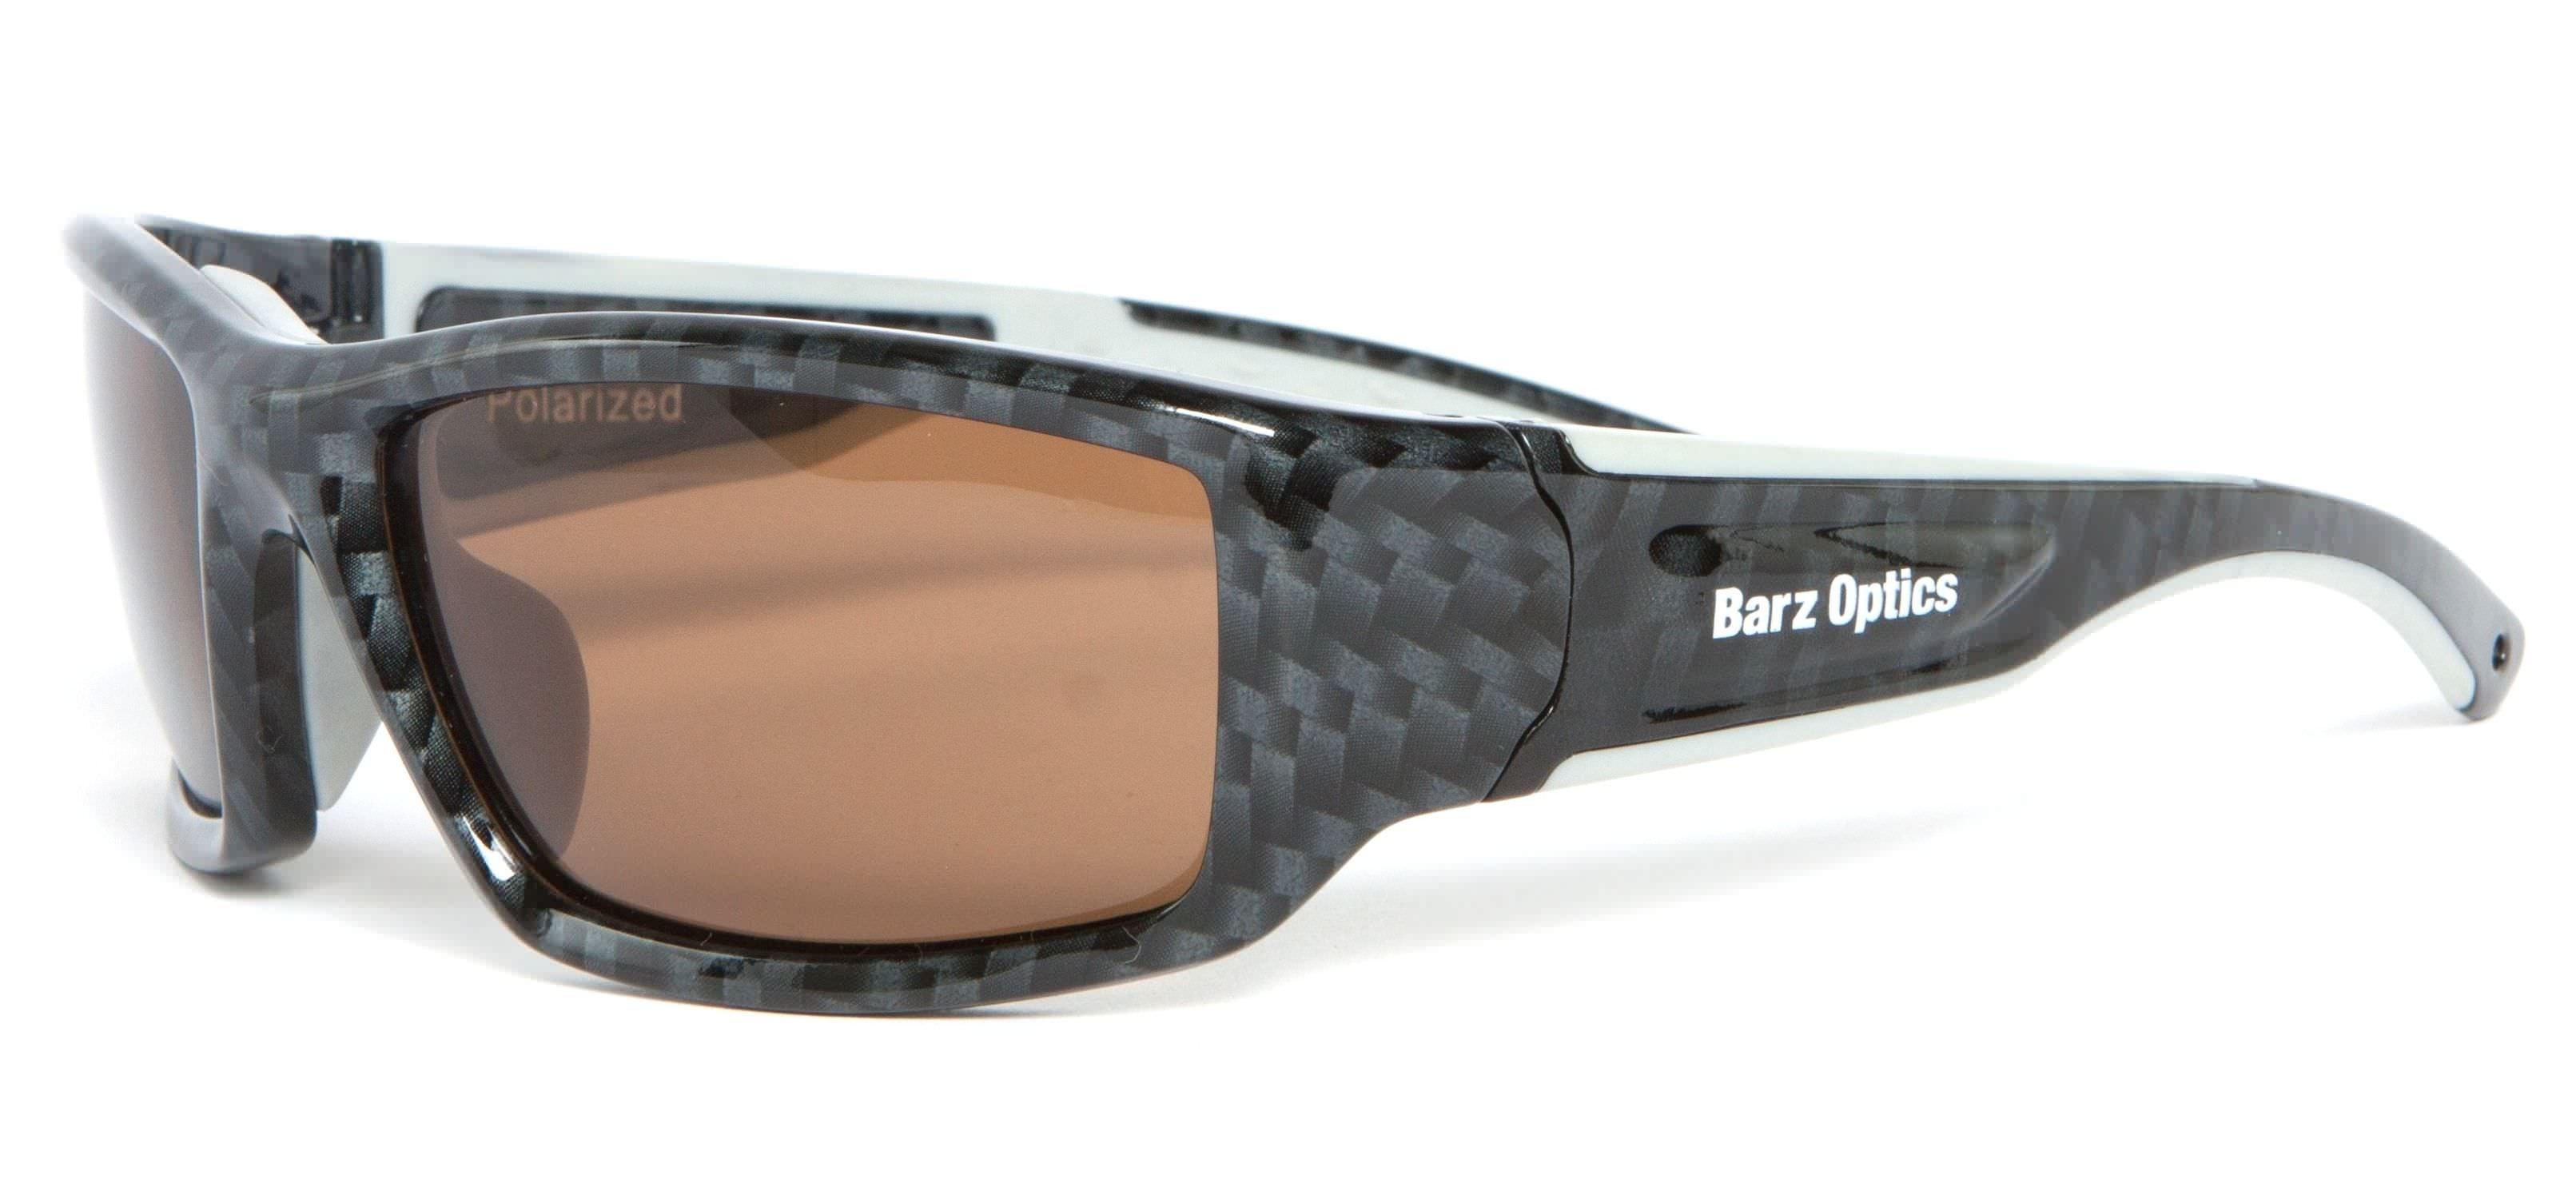 lunettes de soleil flottante   à verre polarisant   pour sports nautiques -  FLOATER ACETATE bd78d80bac41